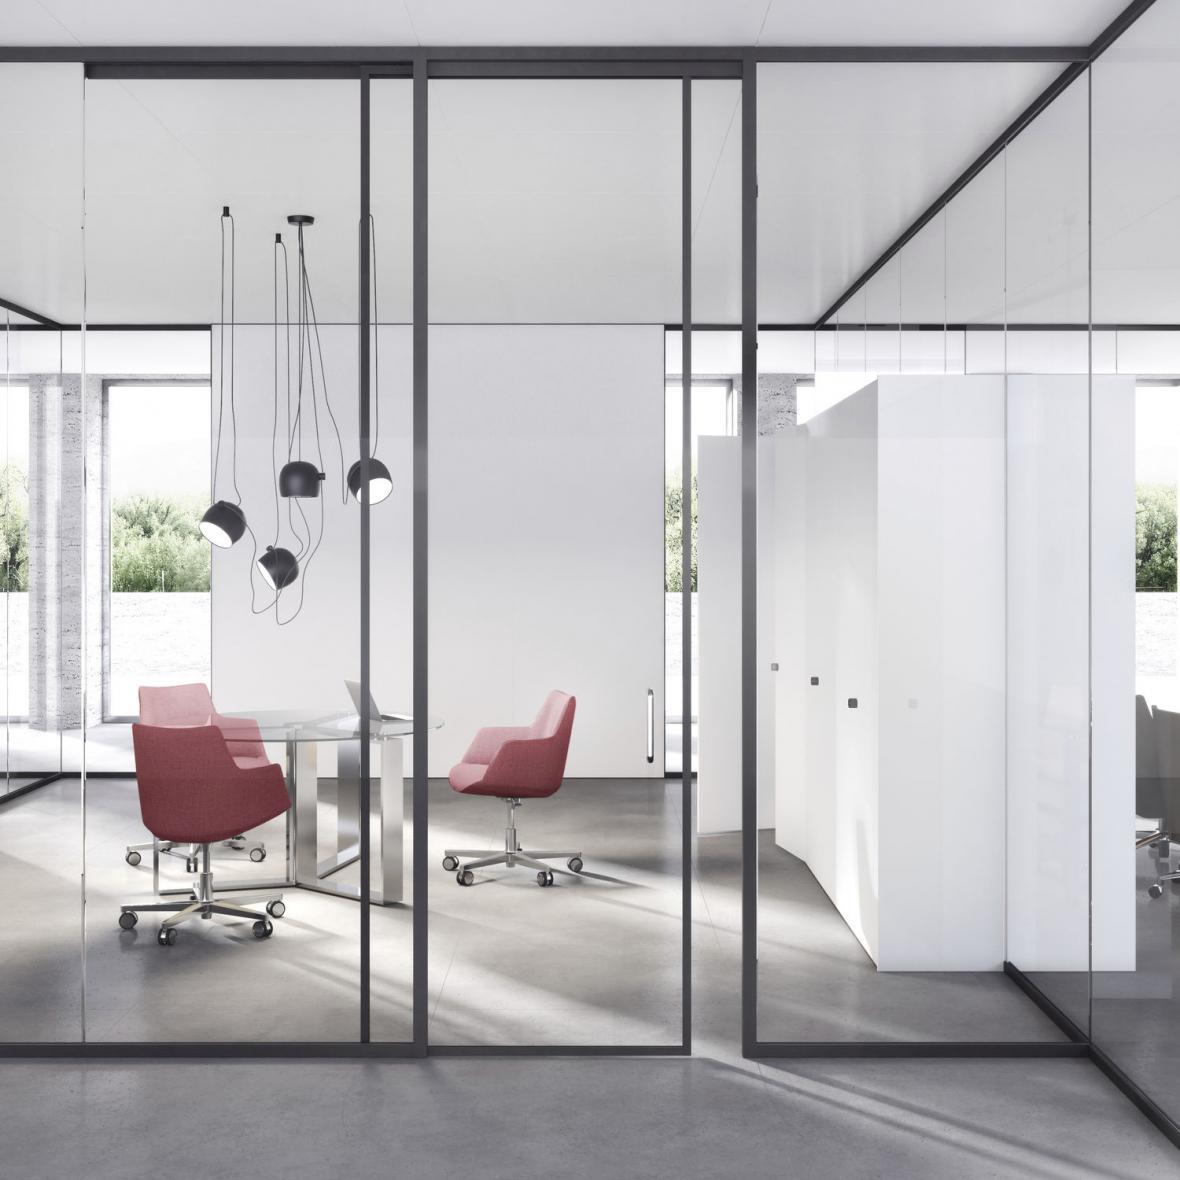 انواع پارتیشن برای فضاهای اداری